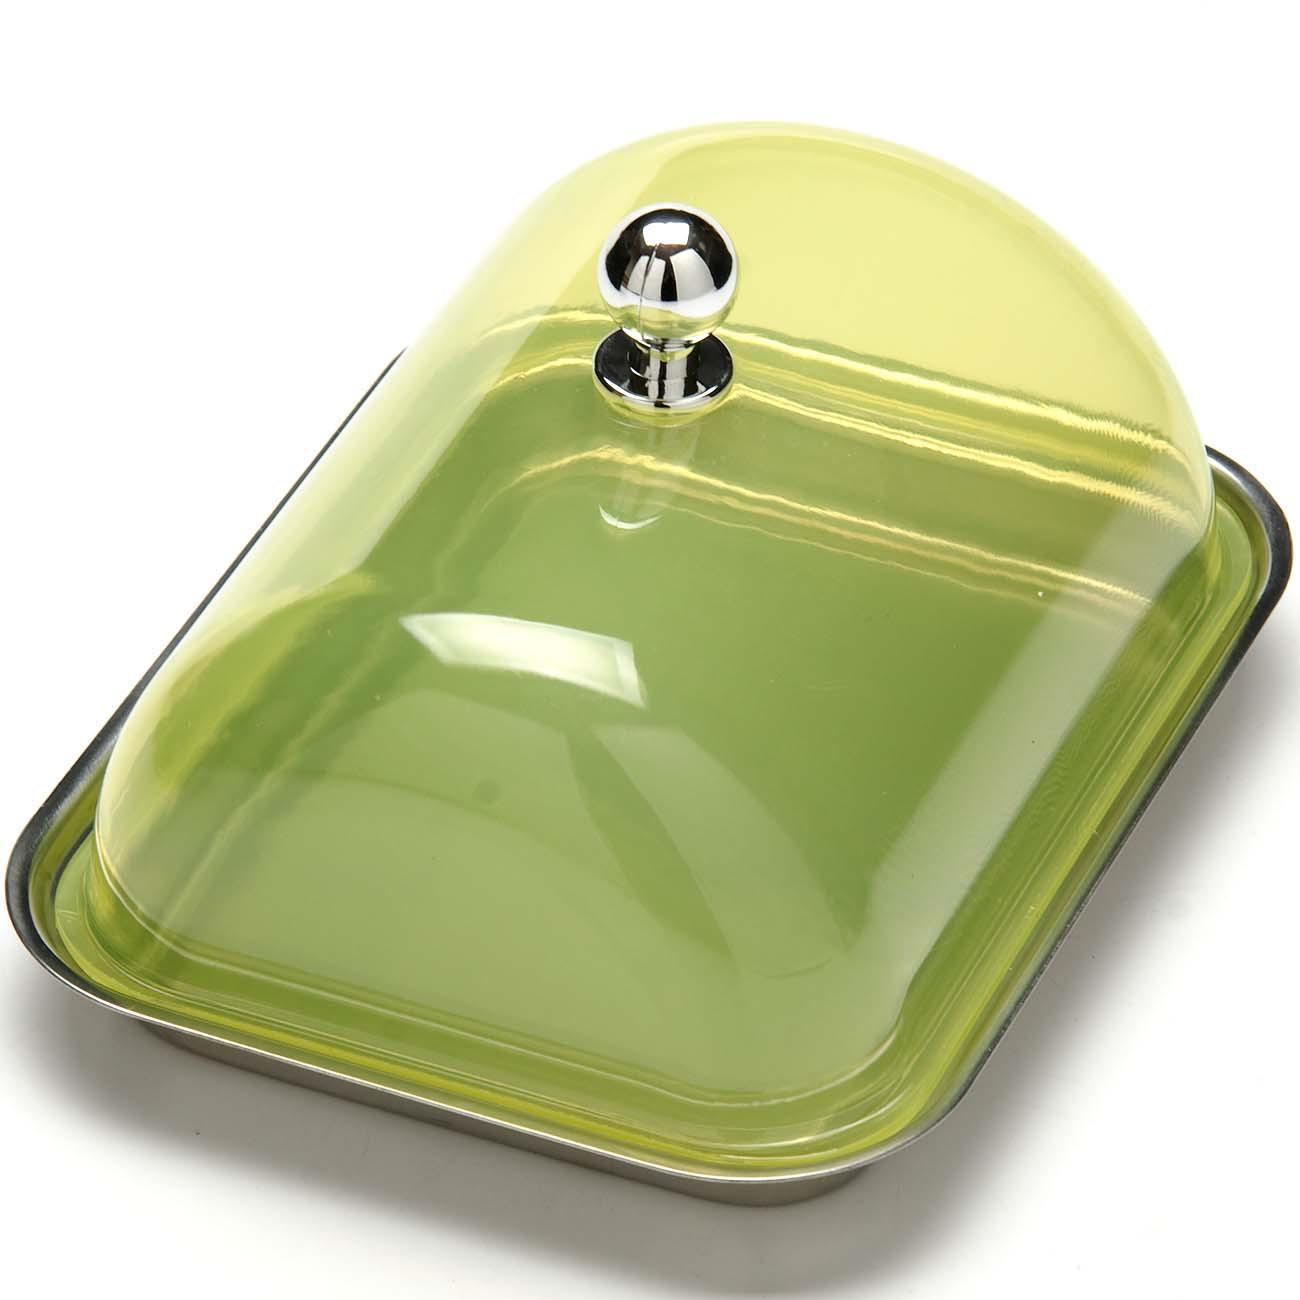 """Масленка """"Mayer & Boch""""с крышкой изготовлена из экологически чистых материалов высококачественной нержавеющей стали и пищевого пластика. Она предназначена для красивой сервировки и хранения масла. Масленка обладает оригинальным, современным дизайном, простотой в использовании, легкостью в уходе. Такая масленка прекрасно подойдет для вашей кухни."""